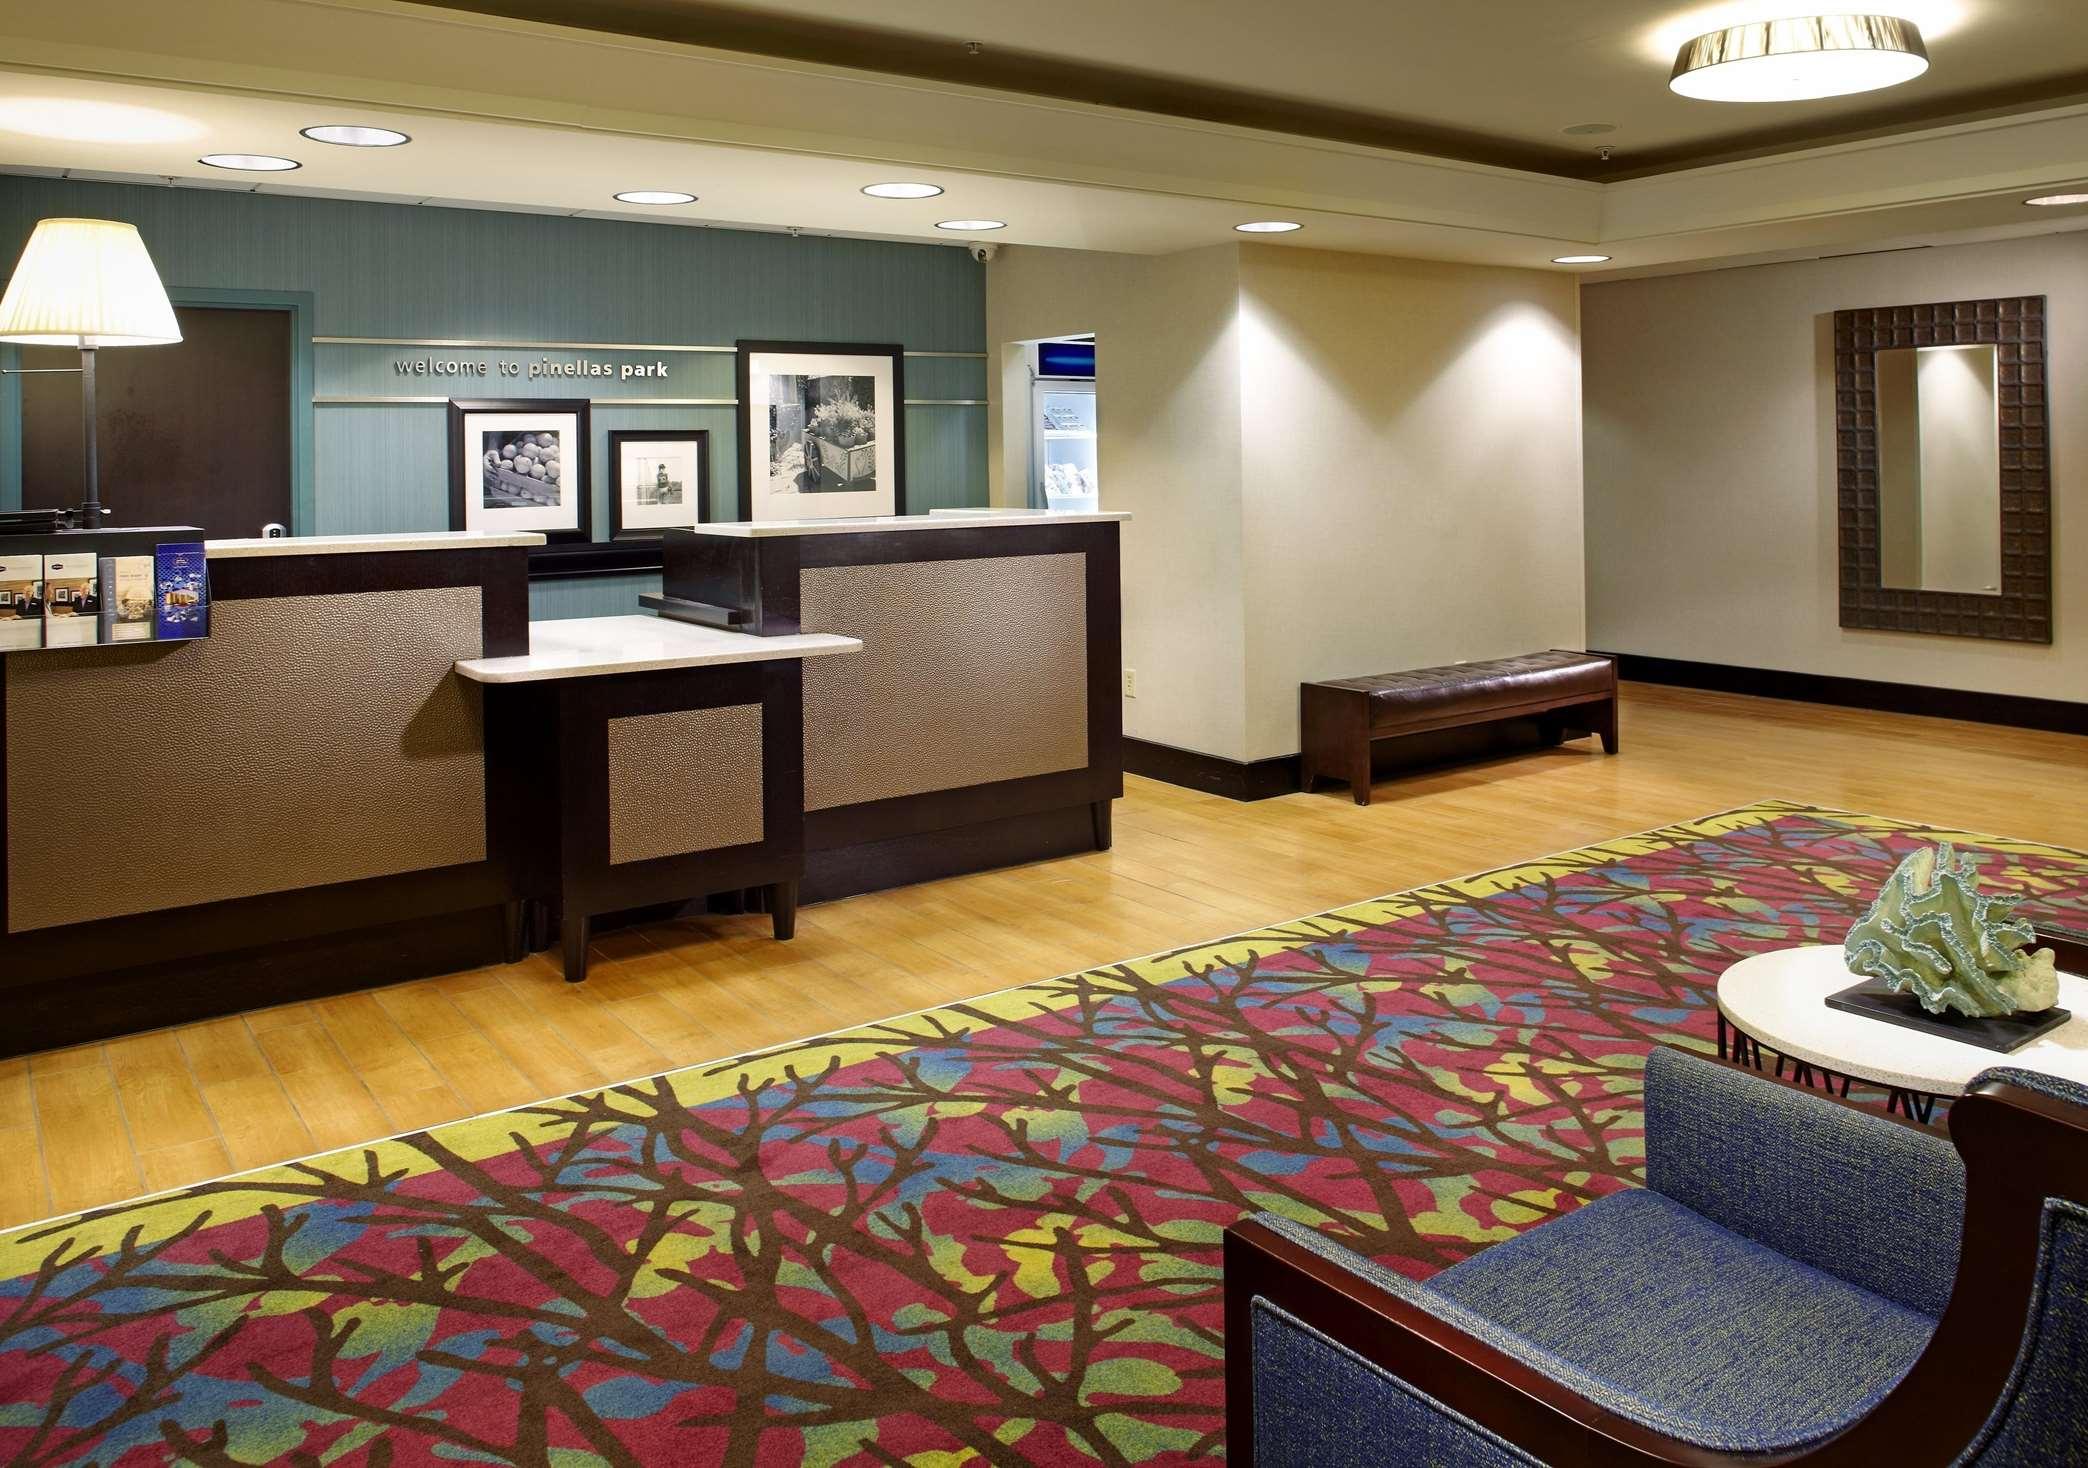 Hampton Inn & Suites Clearwater/St. Petersburg-Ulmerton Road, FL image 2